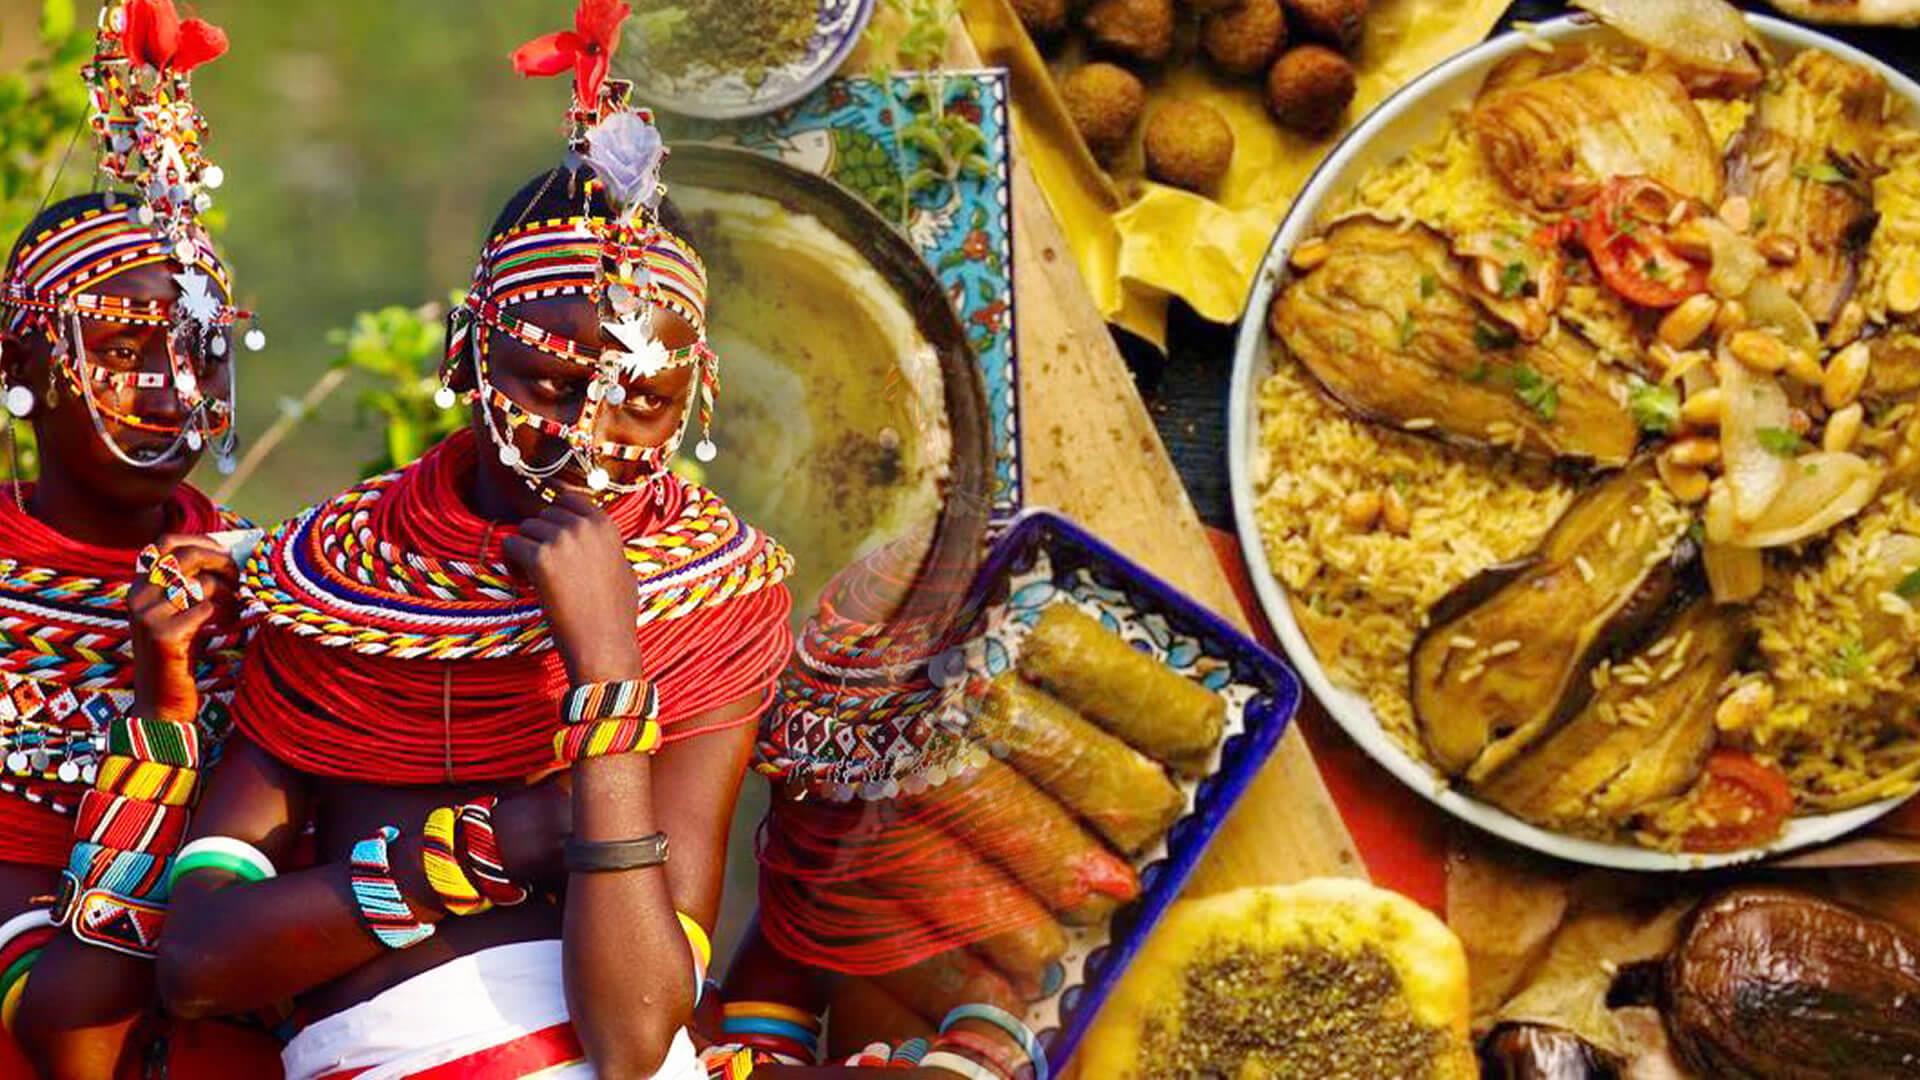 5 Restaurantes de Comida Africana para Conhecer em São Paulo